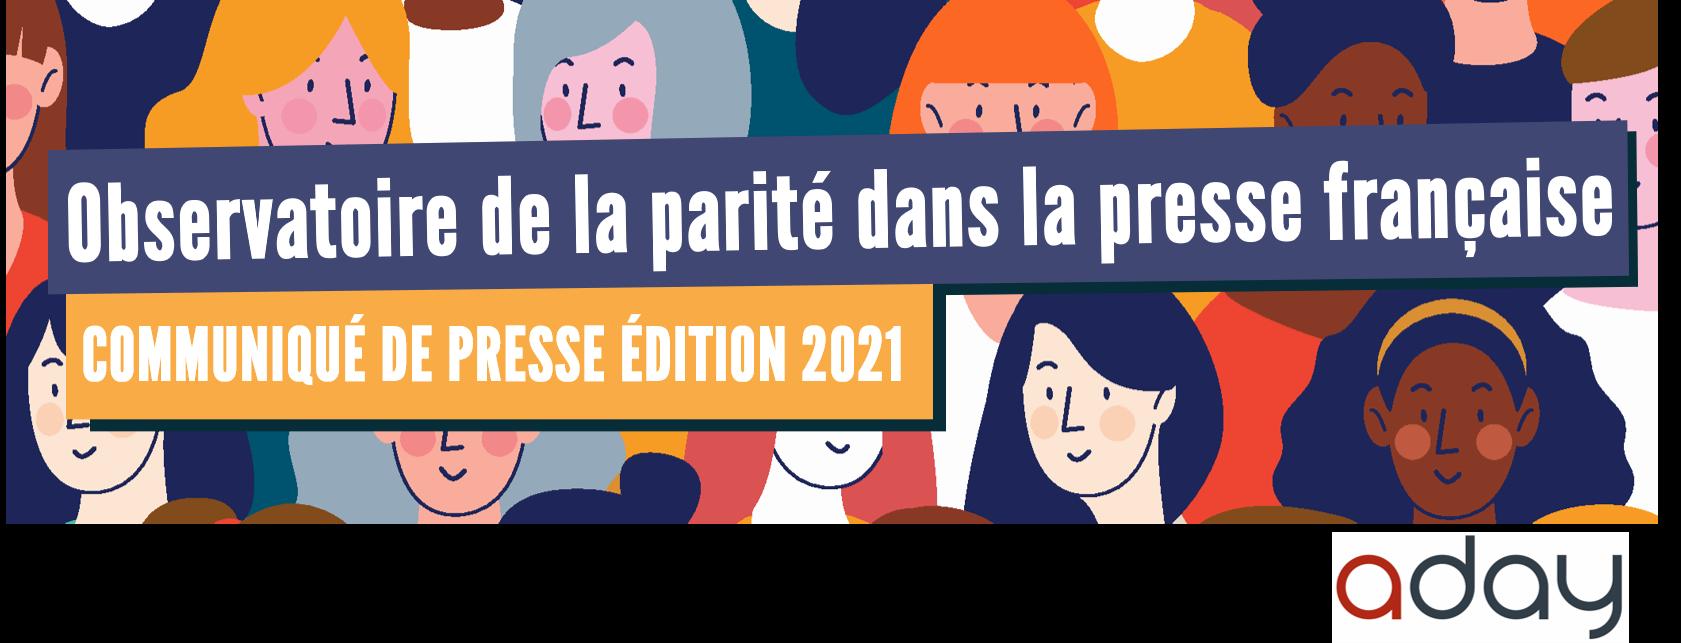 8° Observatoire de la parité dans la presse française